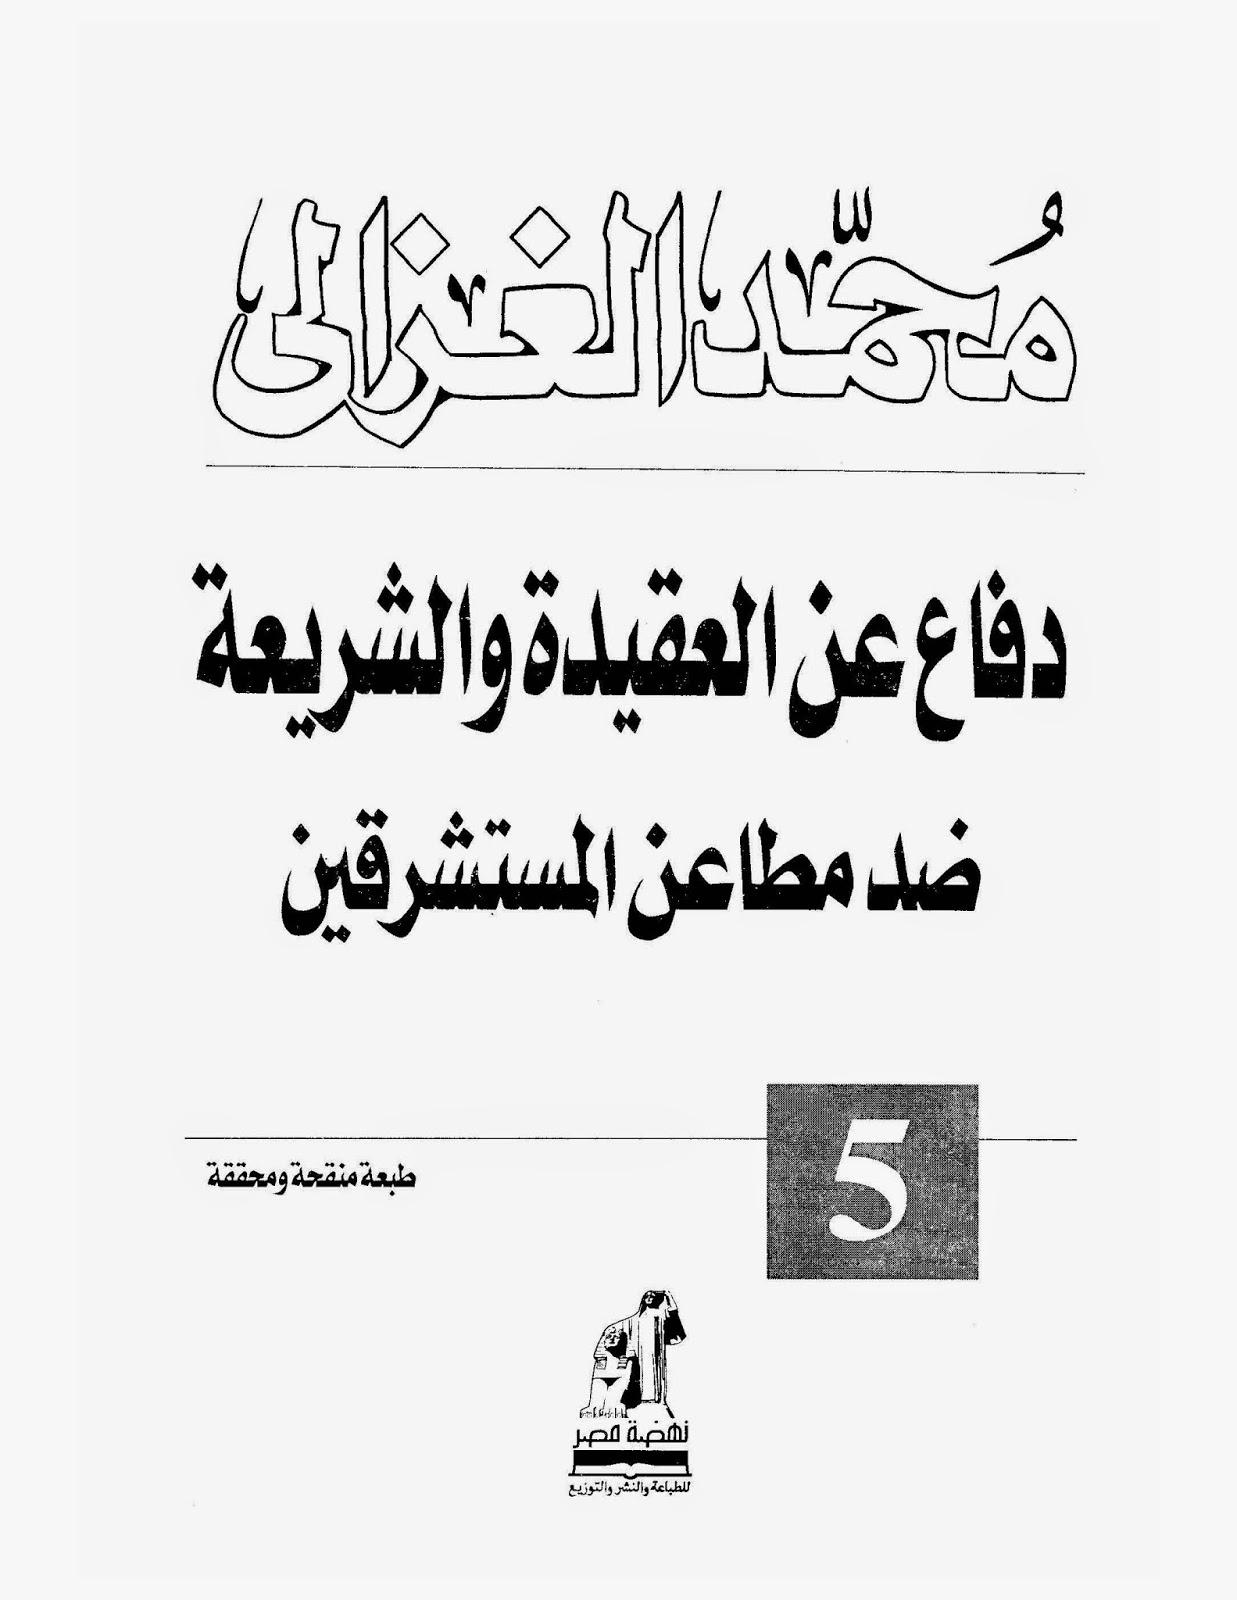 دفاع عن العقيدة والشريعة ضد مطاعن المستشرقين - محمد الغزالي pdf